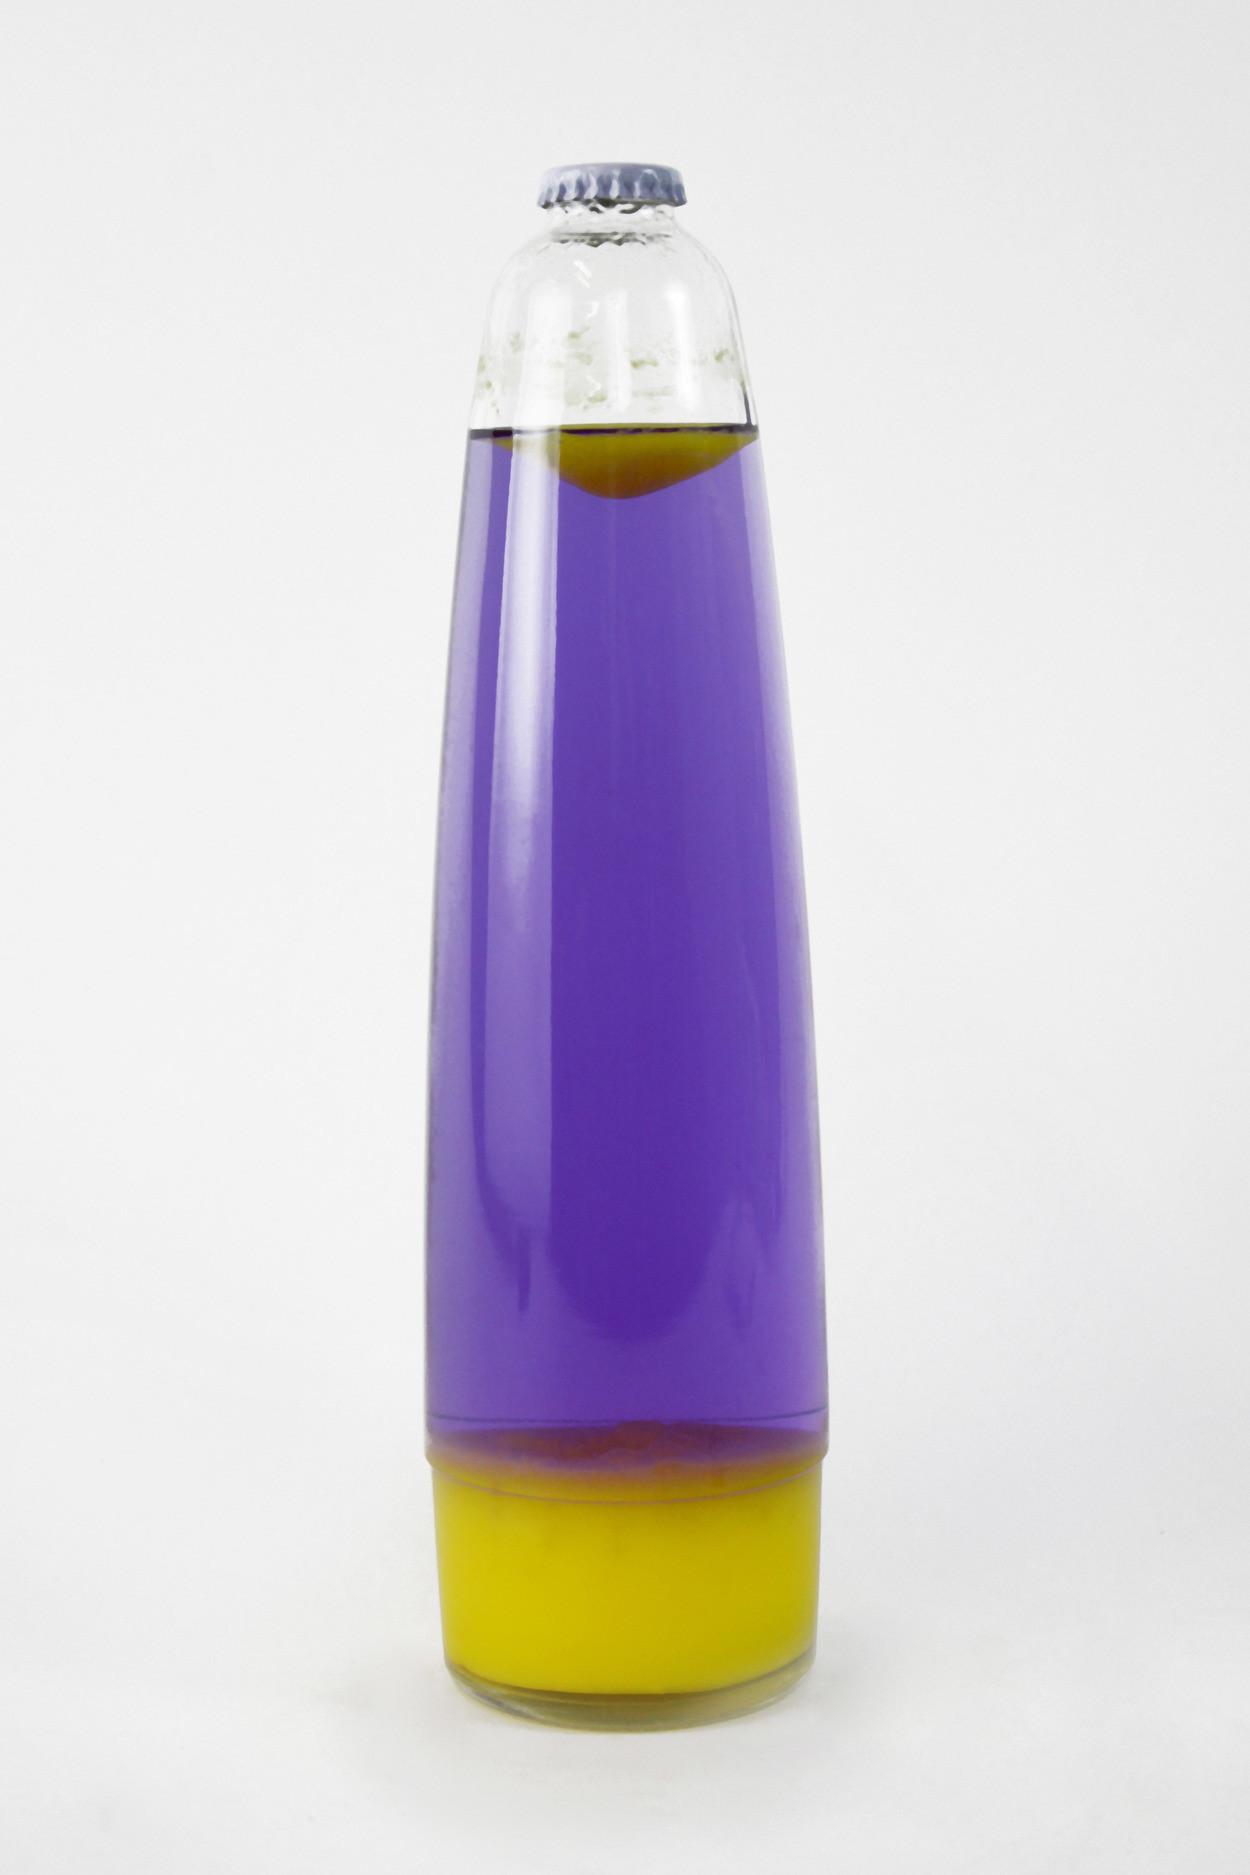 Колба Amperia для лава-лампы 48 см Оранжевая/Фиолетовая (20,5*8 см)